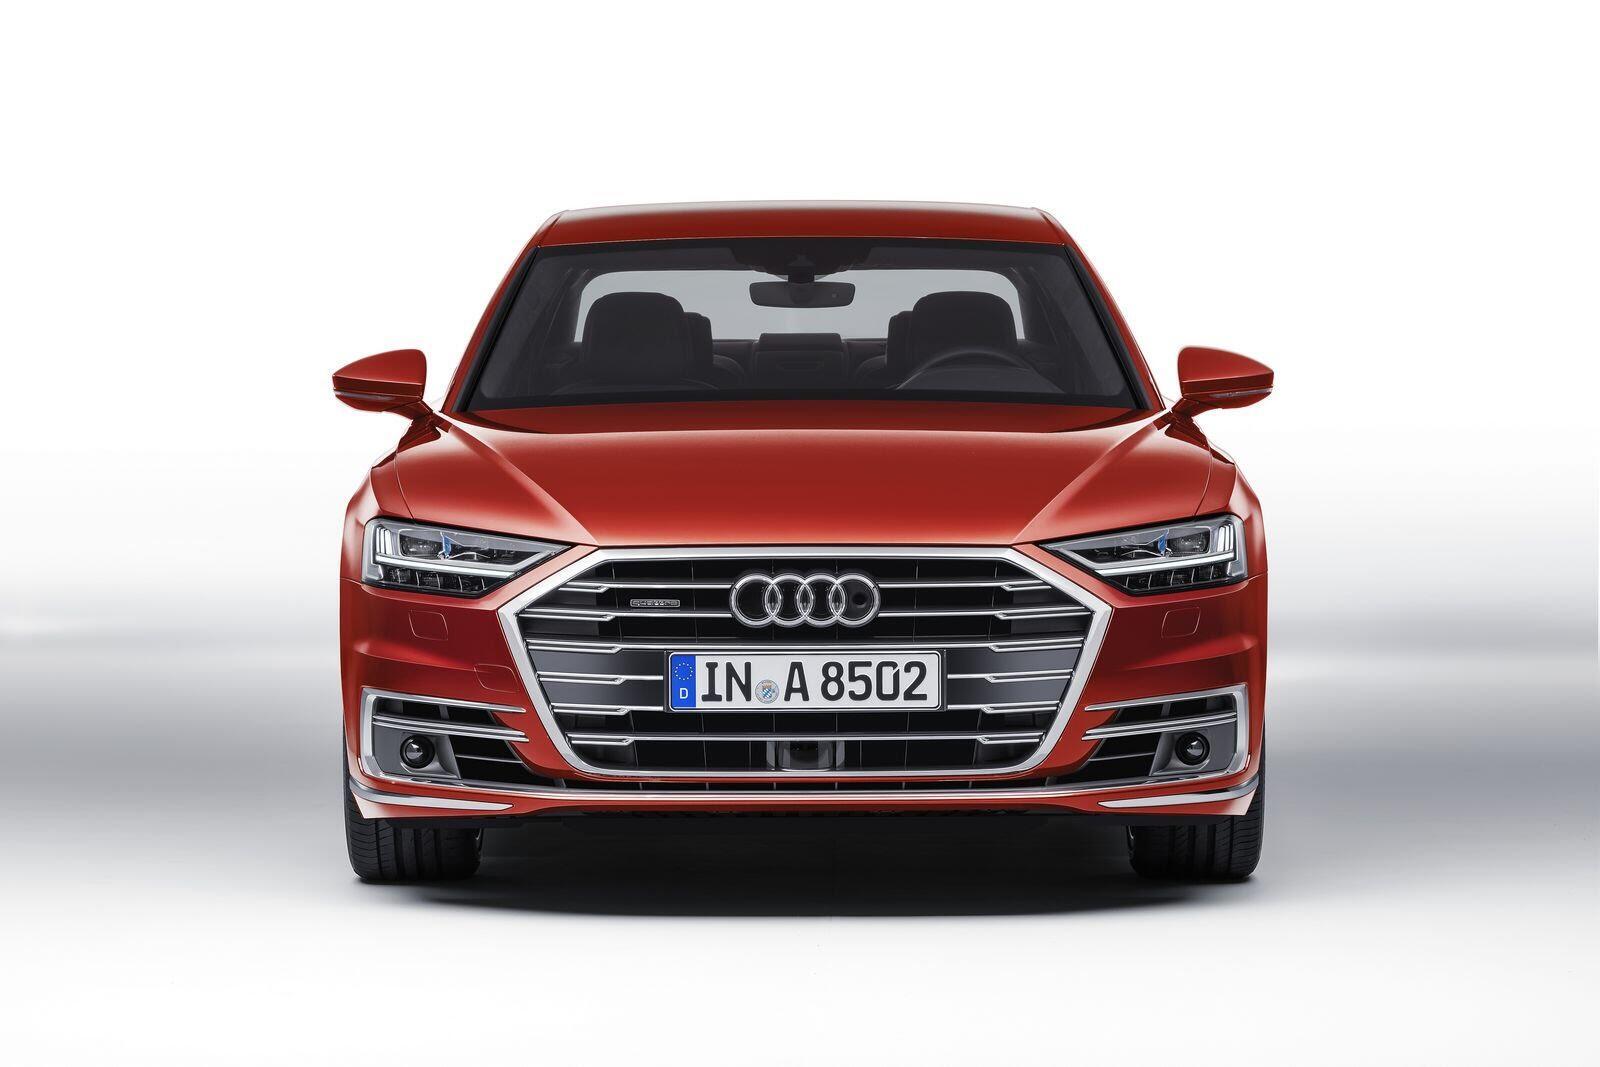 Audi A8 hoàn toàn mới chính thức ra mắt với đầy ắp công nghệ - Hình 3